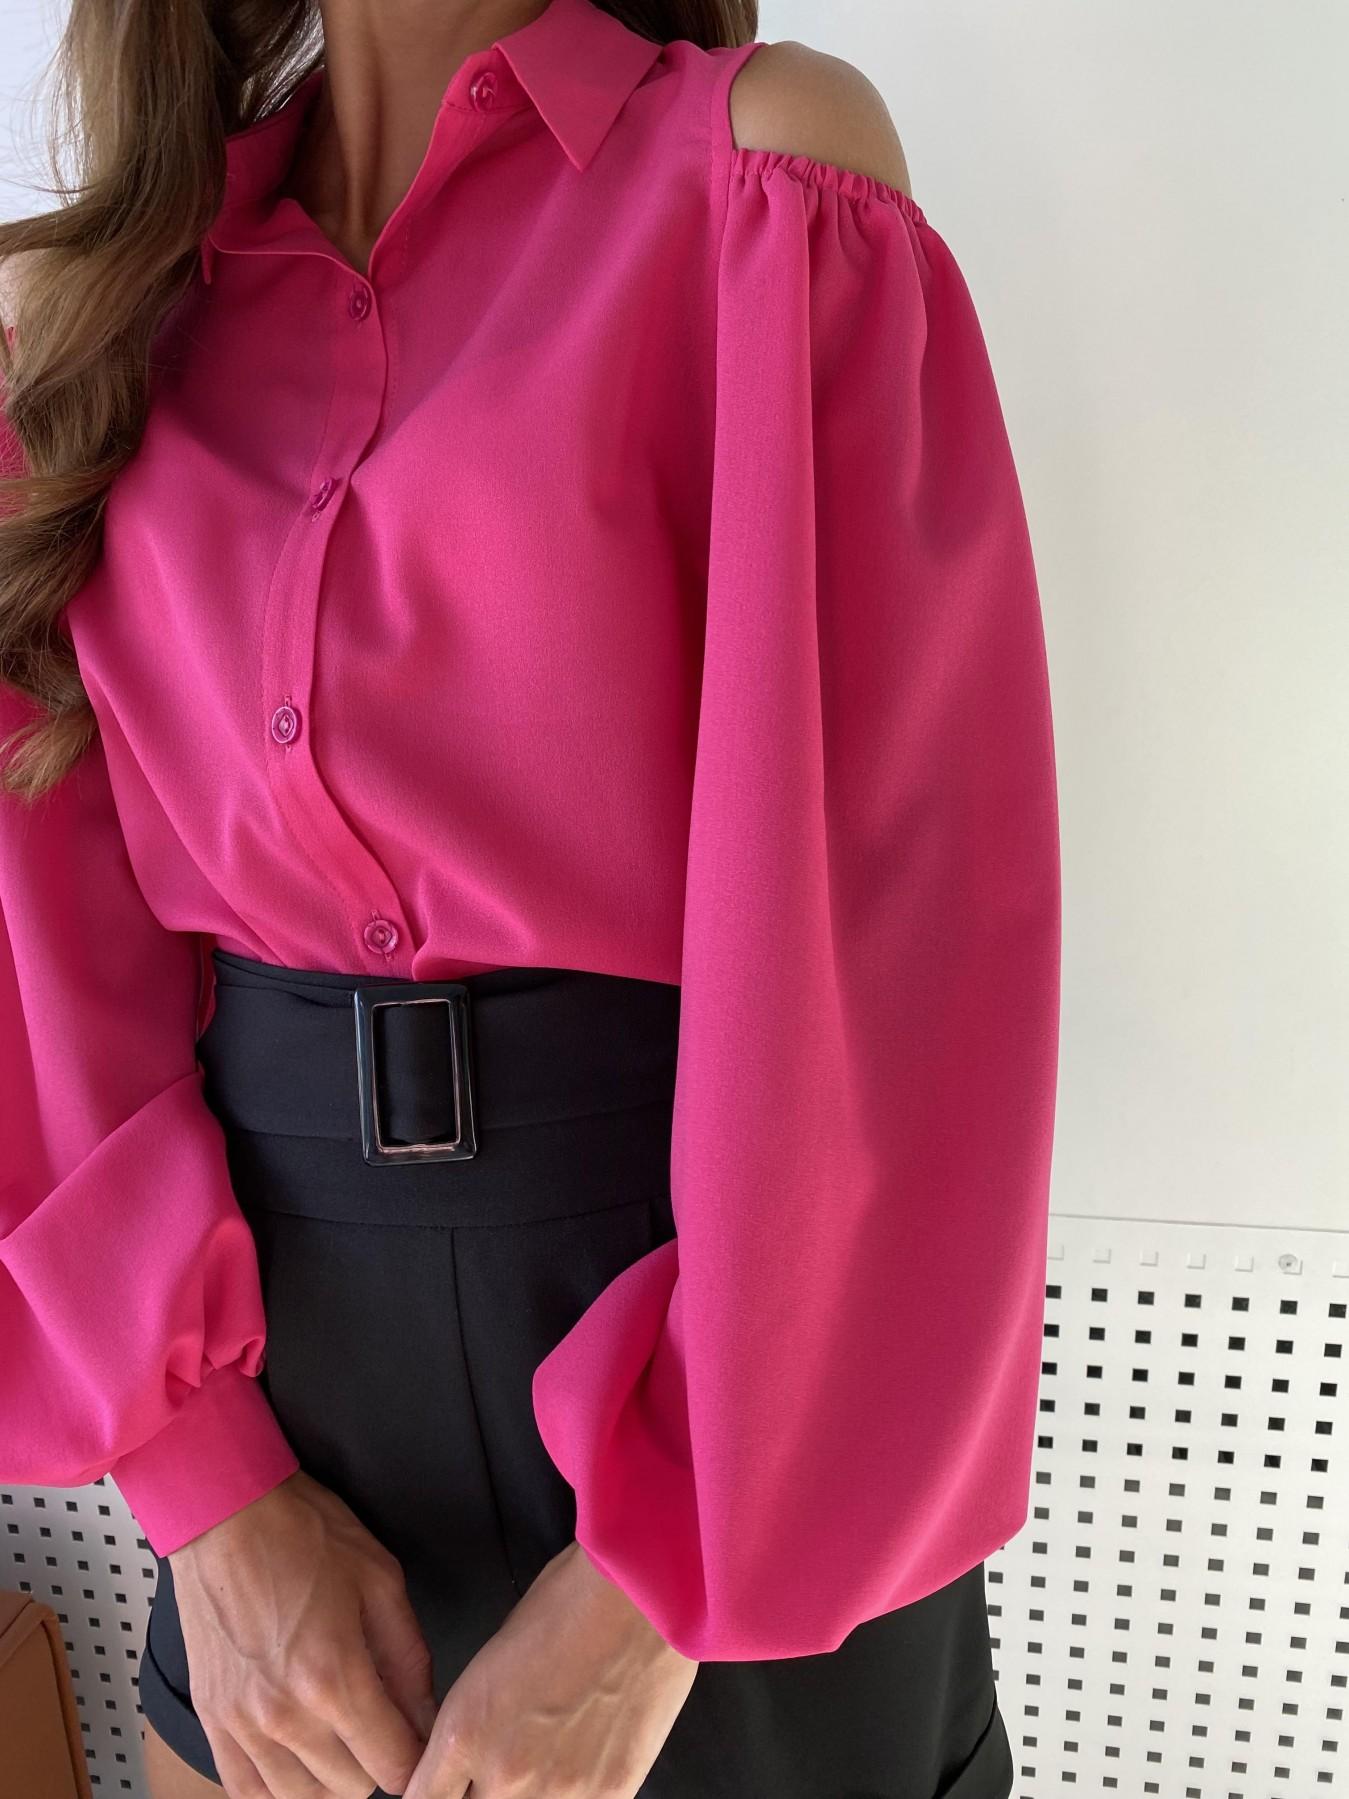 Адель блуза из креп креш шифона 11657 АРТ. 48372 Цвет: Малиновый - фото 2, интернет магазин tm-modus.ru